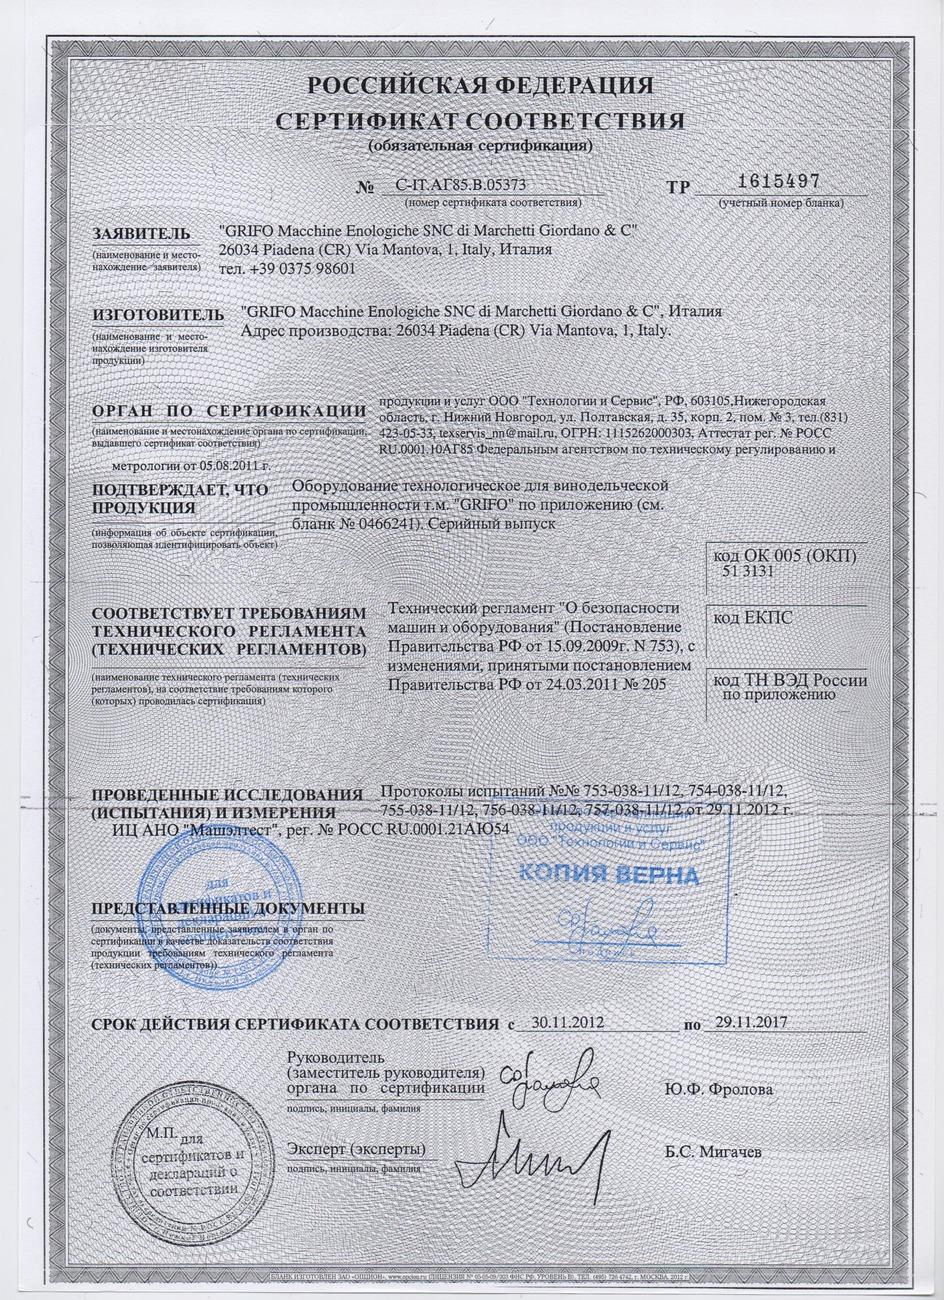 Сертификат соответствия GRIFO